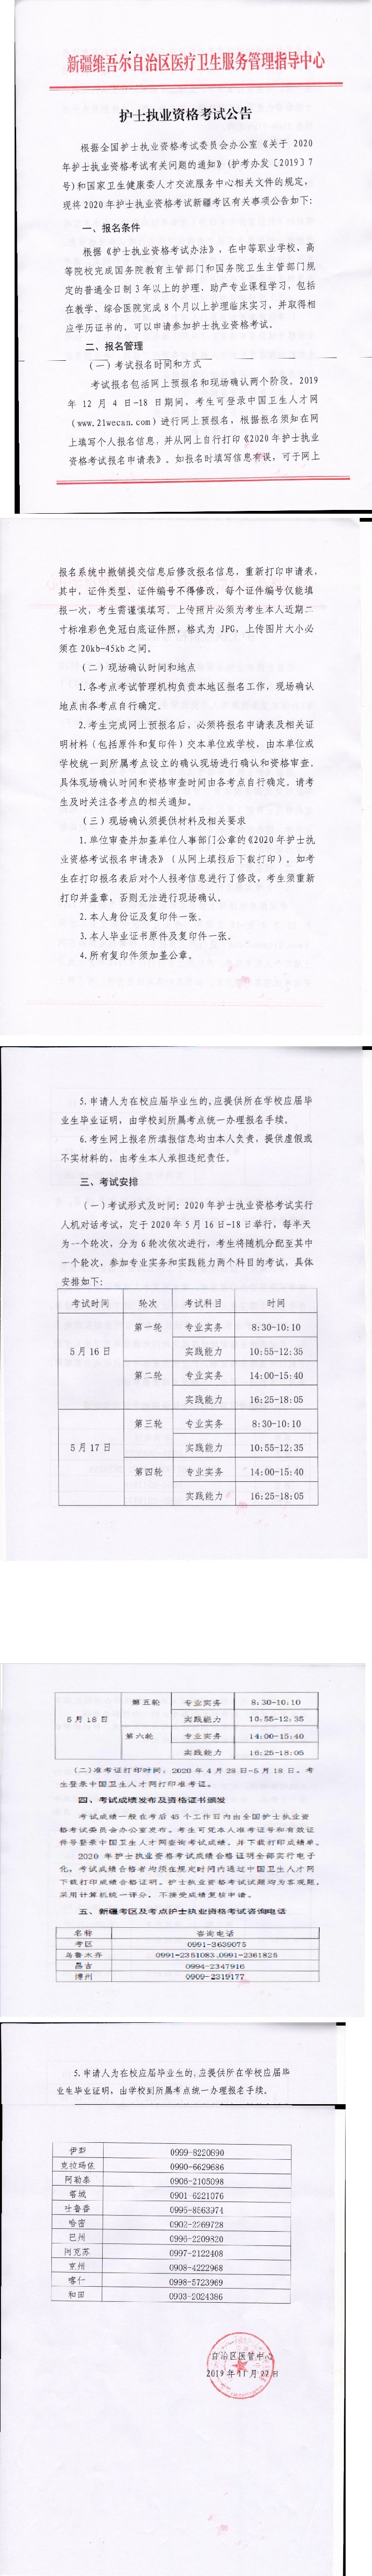 2020年新疆护士资格考试公告.png